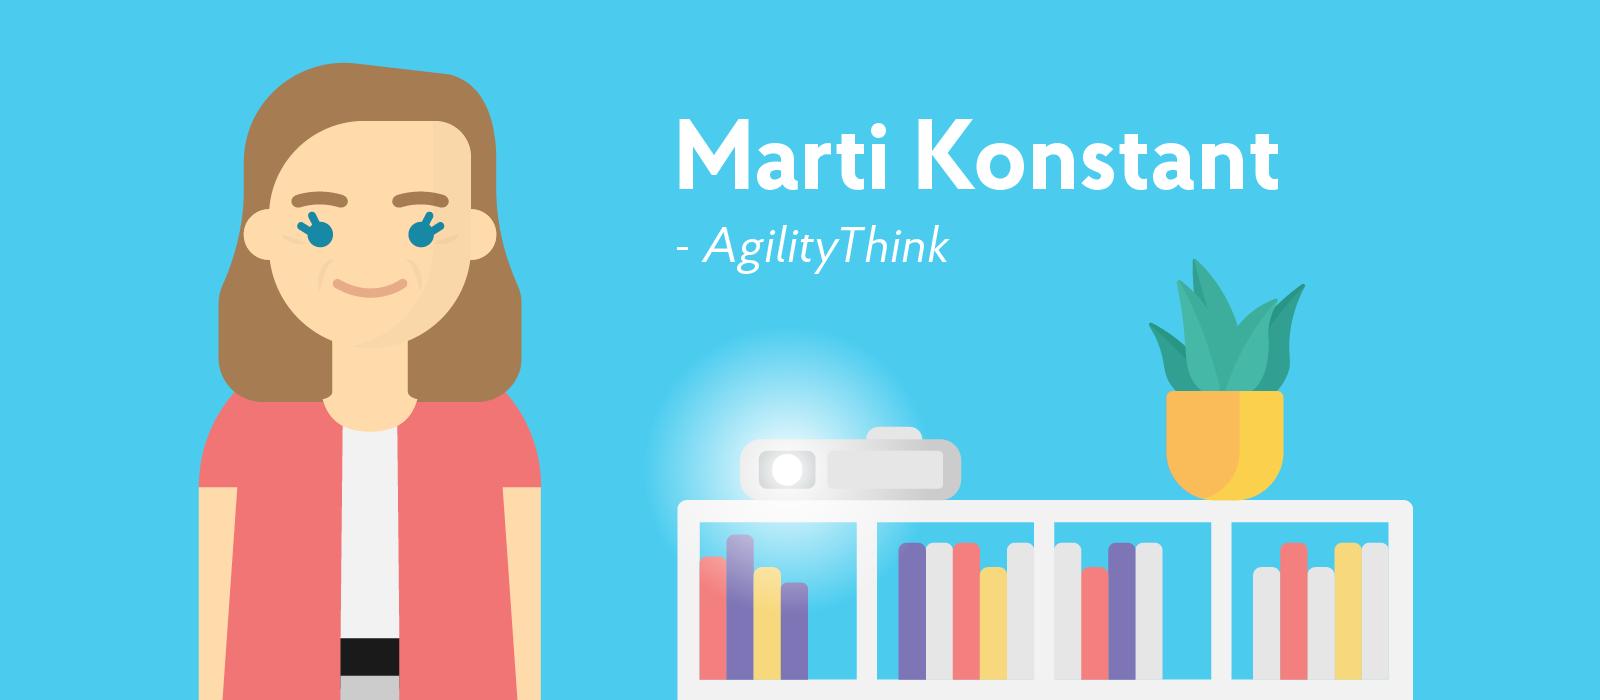 Marti Konstant career influencer